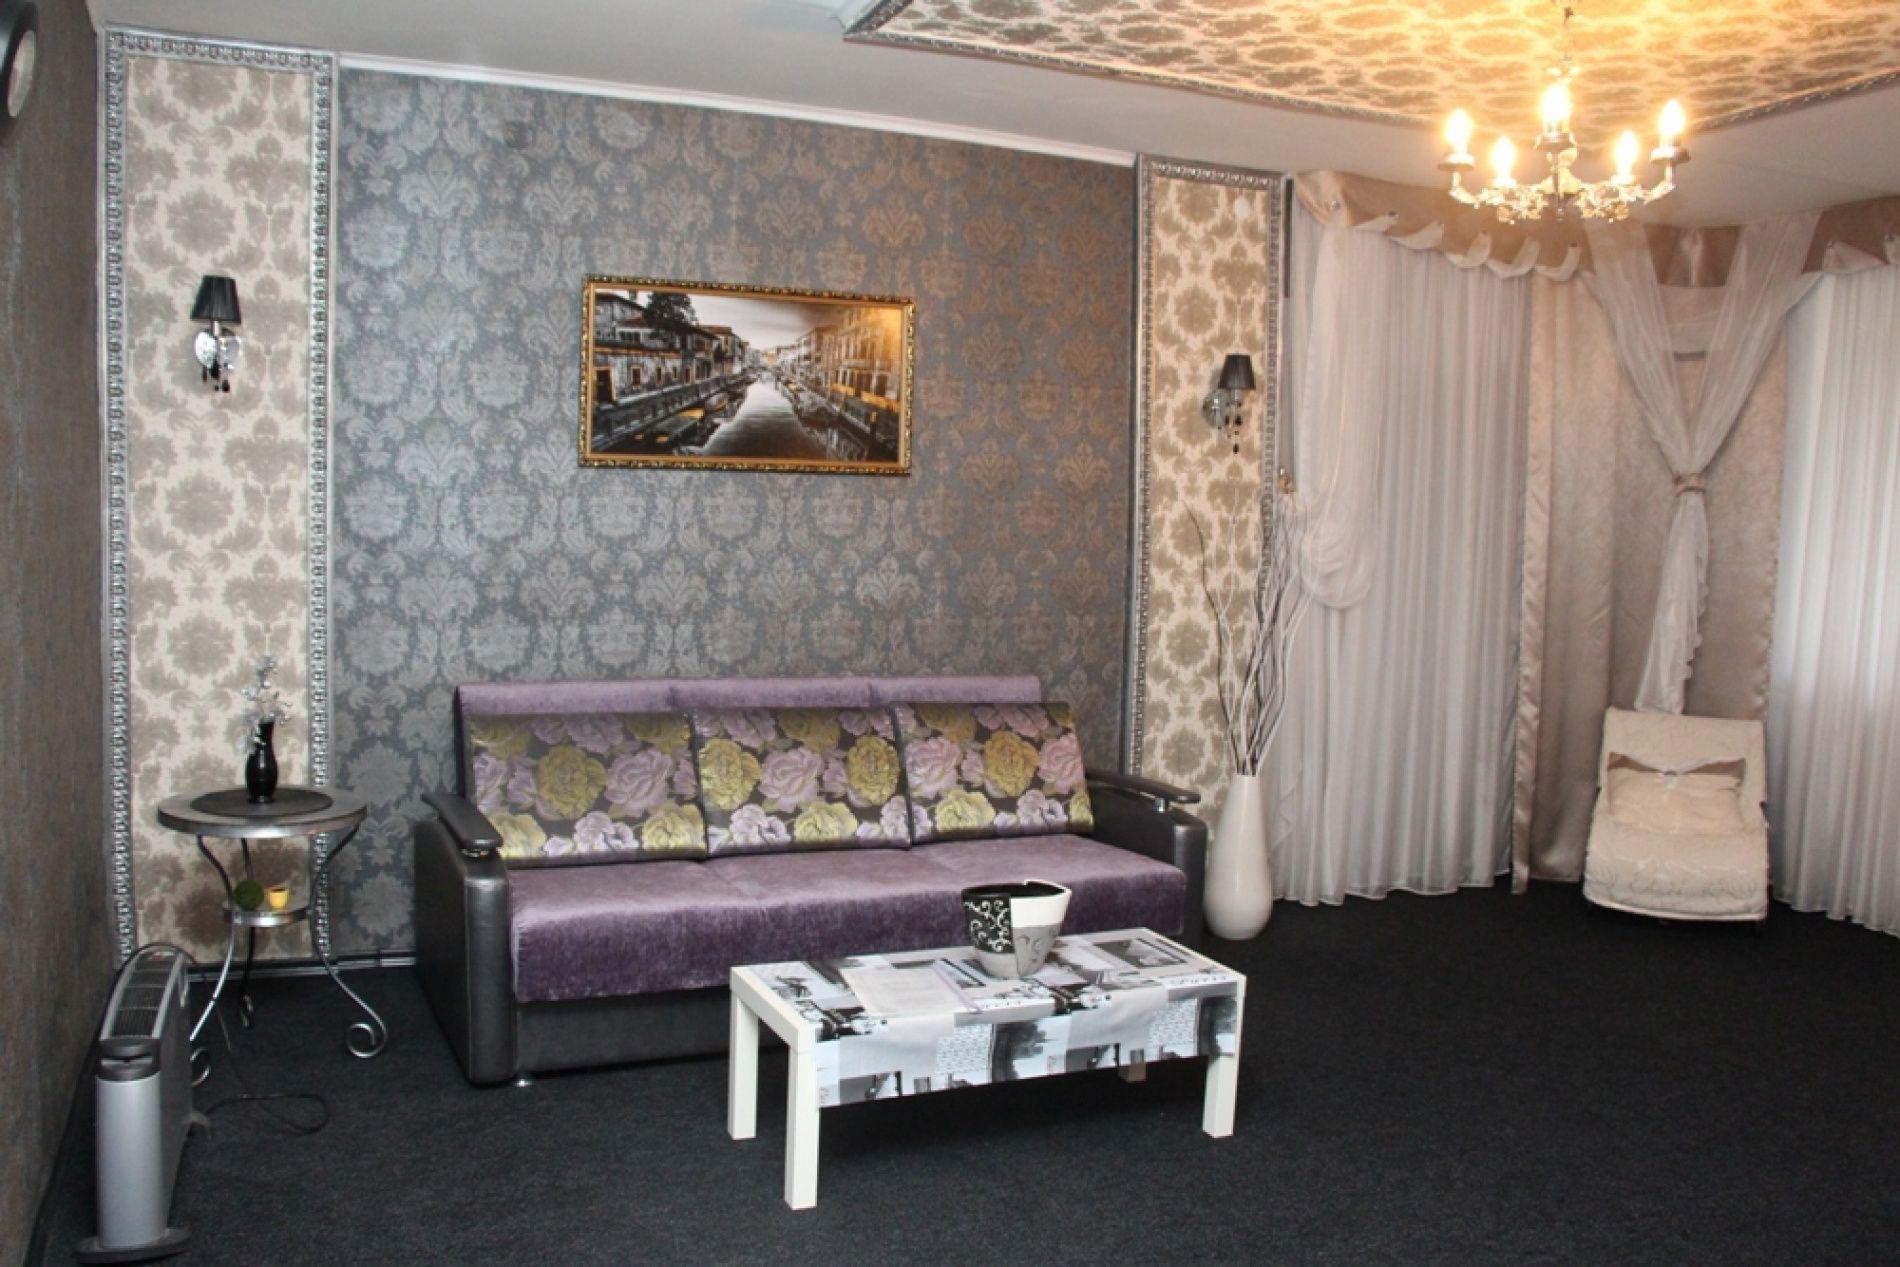 База отдыха «Залив» Нижегородская область Номер «Апартаменты» (46.8 кв.м) , фото 3